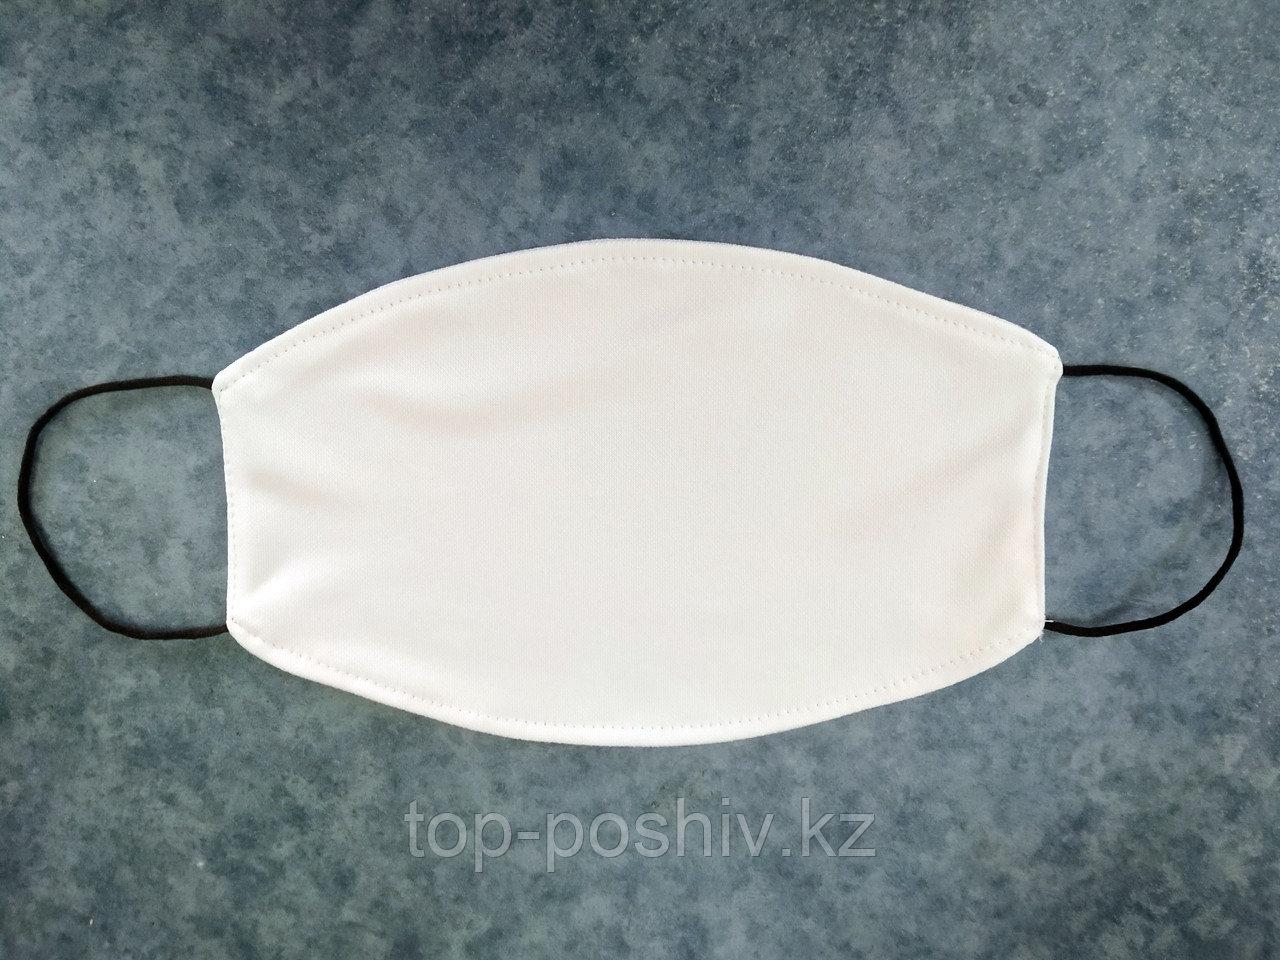 Маска мужская, для сублимации, цвет белый